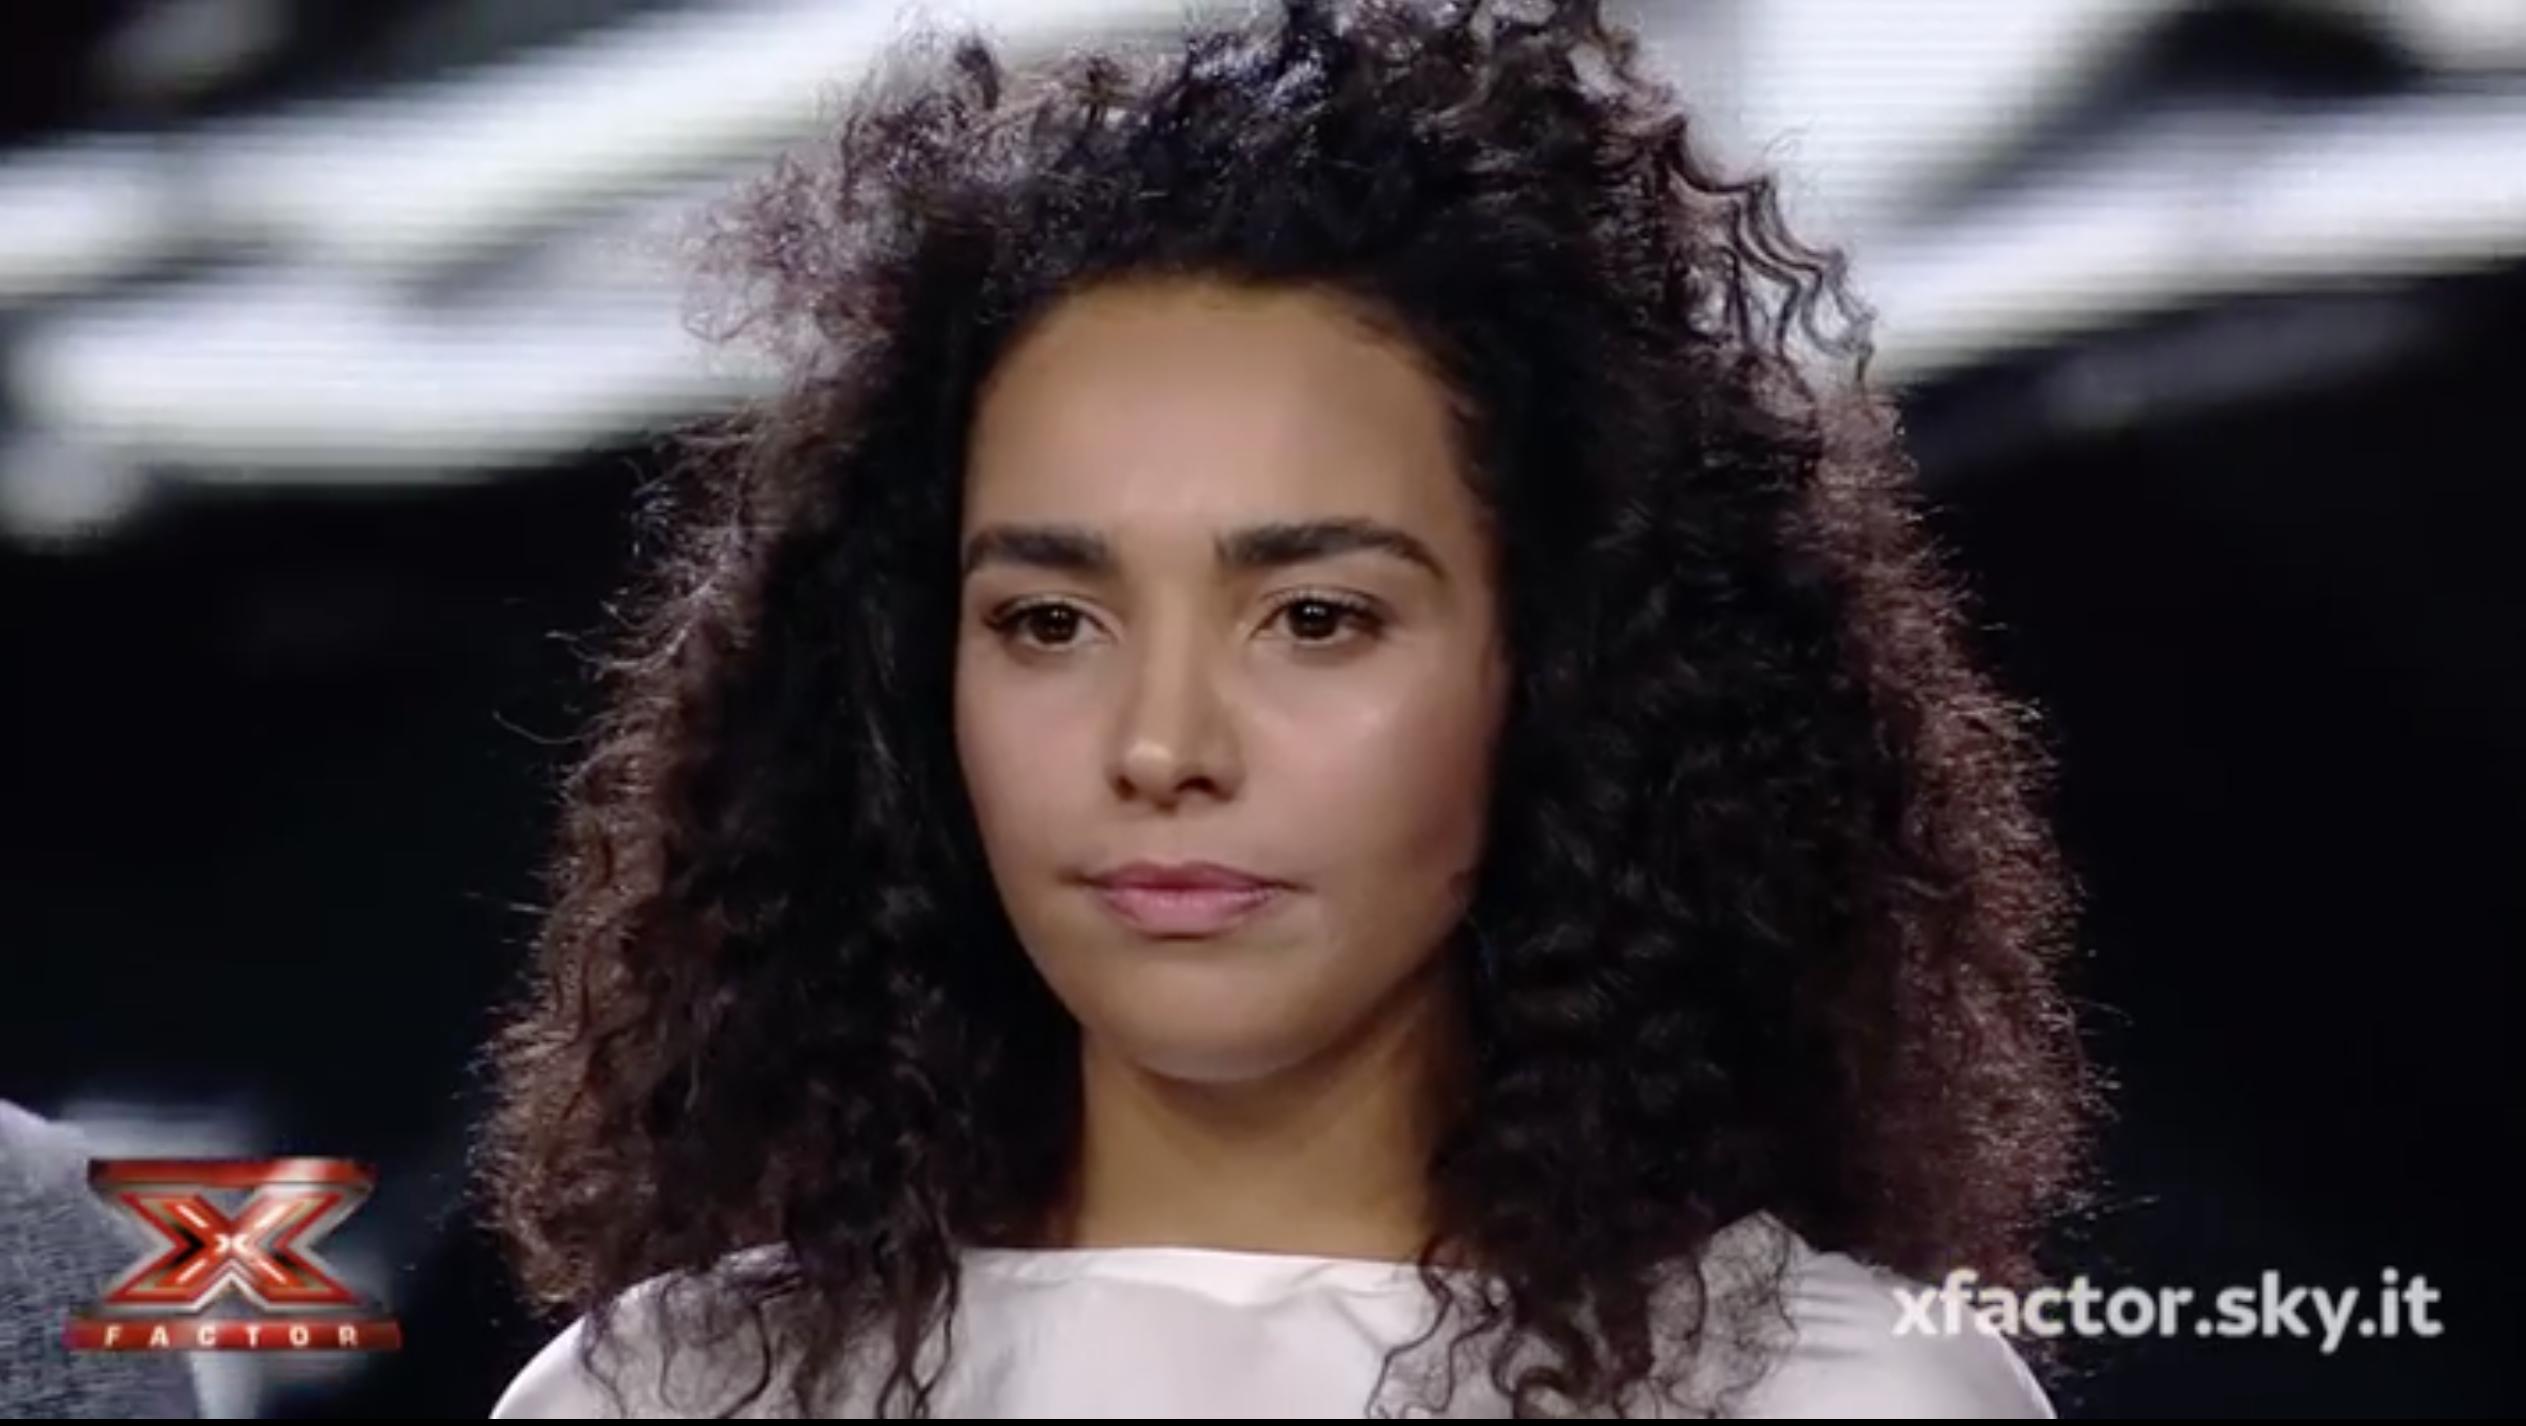 X Factor 10: Silva Fortes è stata eliminata, tensione tra Manuel Agnelli e Fedez